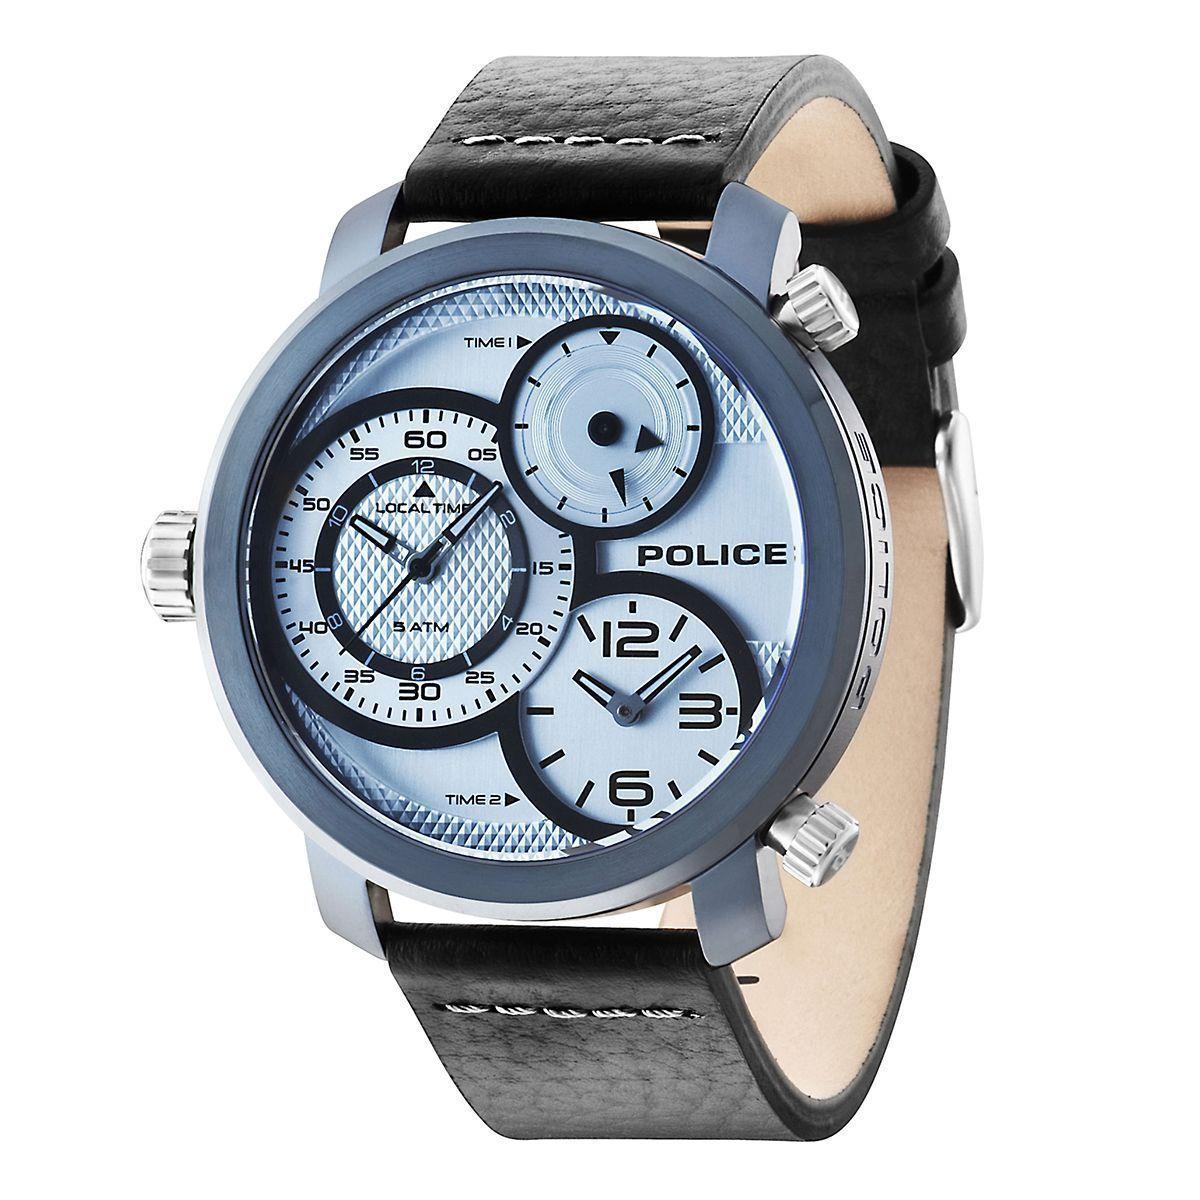 Relojes Police Reloj Police R1451249002